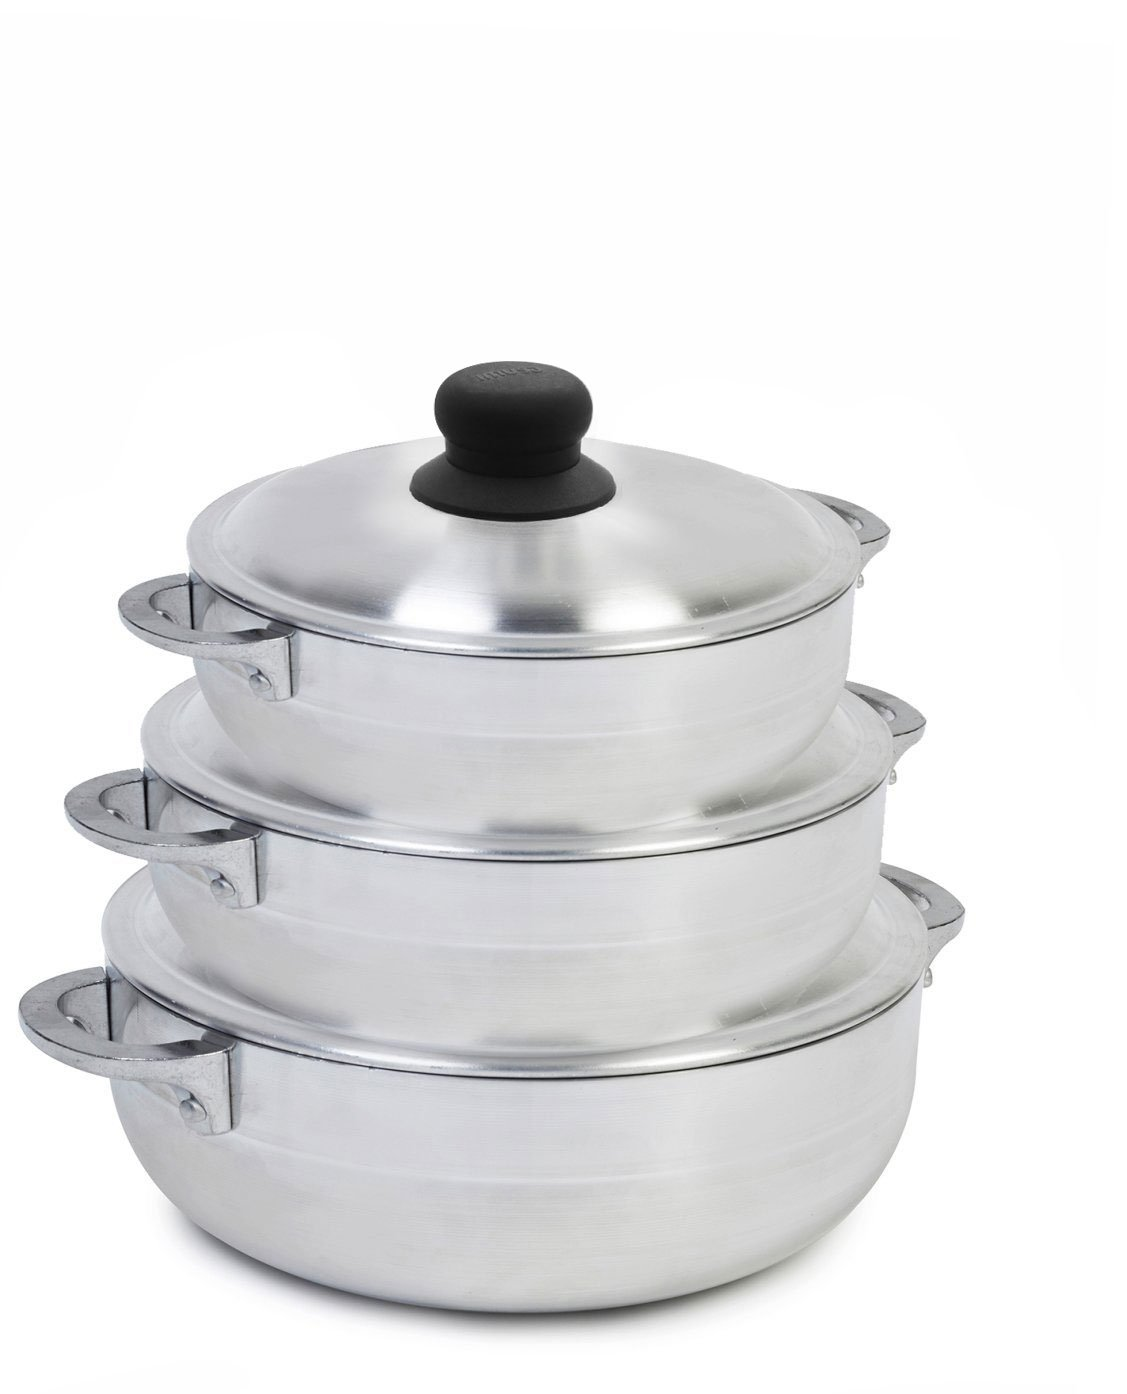 IMUSA USA GAU-89226 Polish Aluminum Caldero Set 3-Piece, Silver